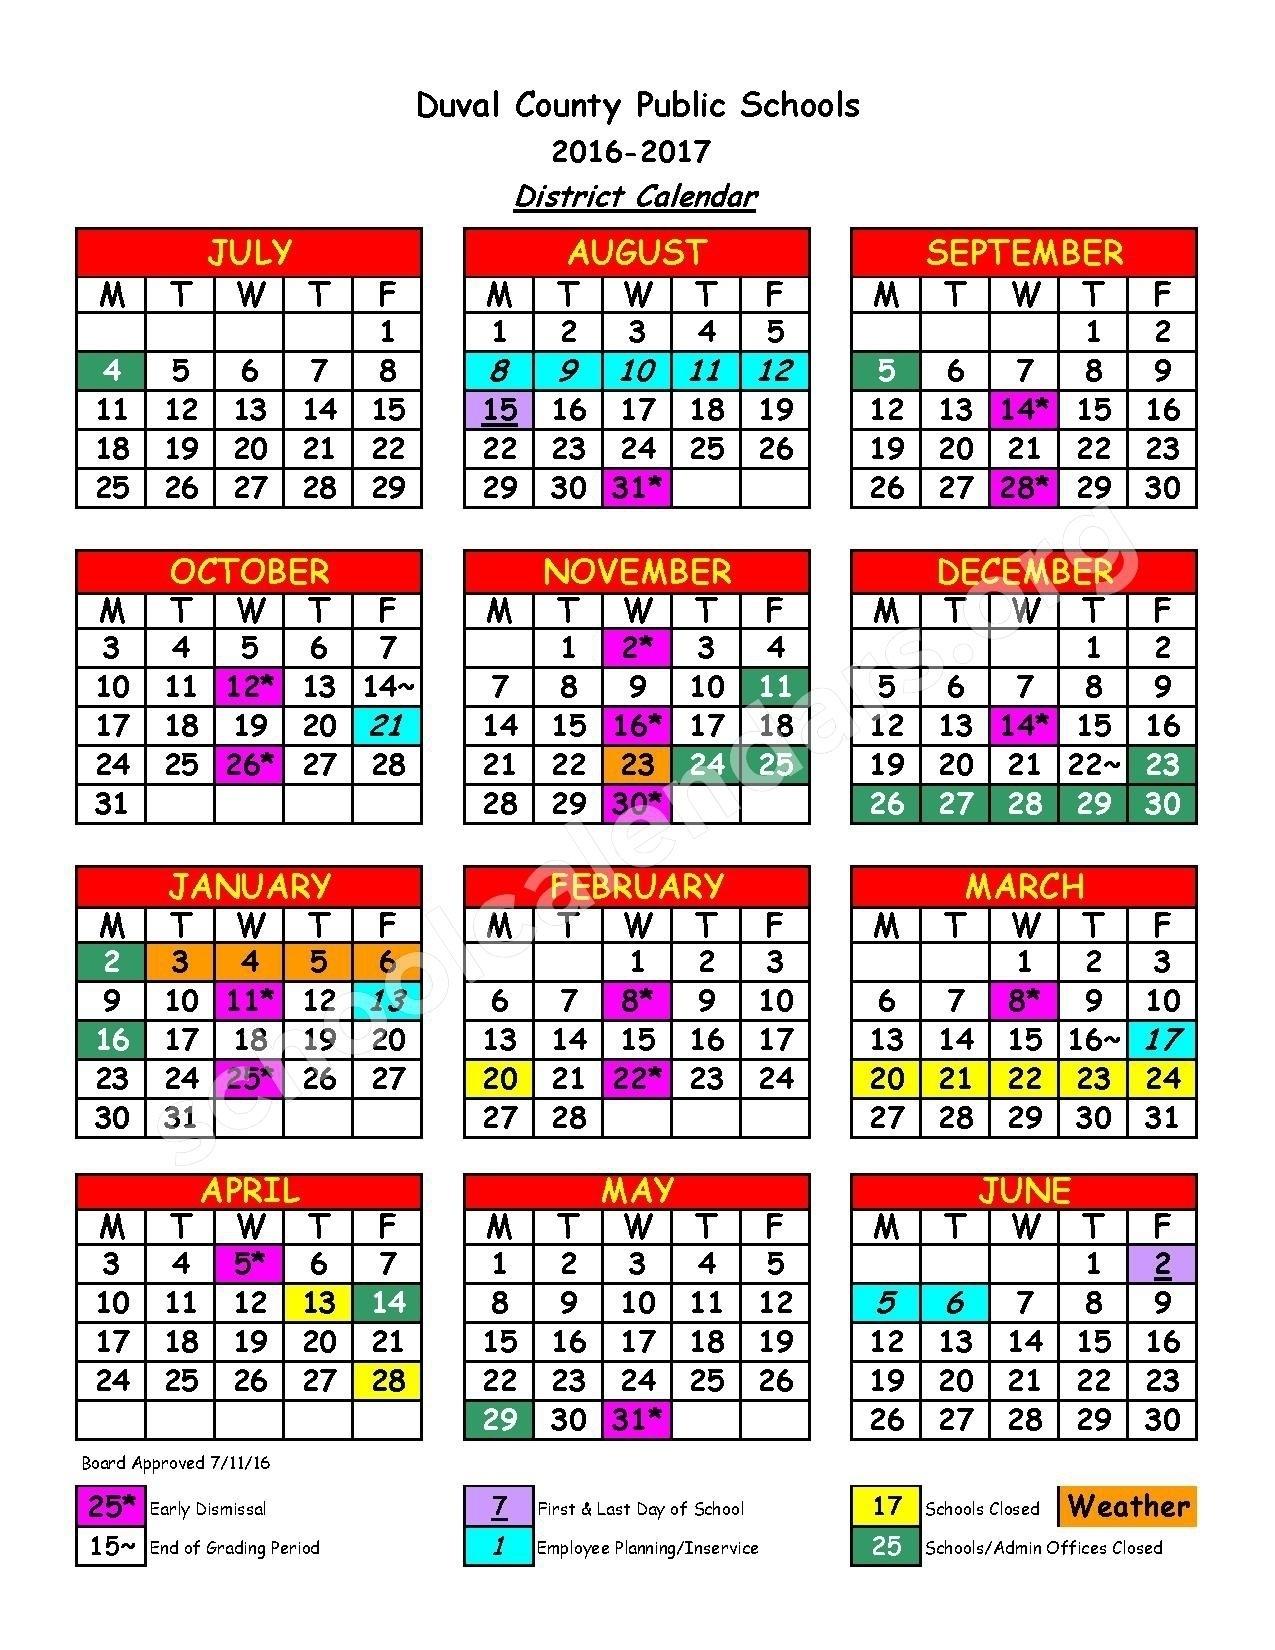 Incredible School Calendar Duval County • Printable Blank Calendar_School Calendar For Duval County